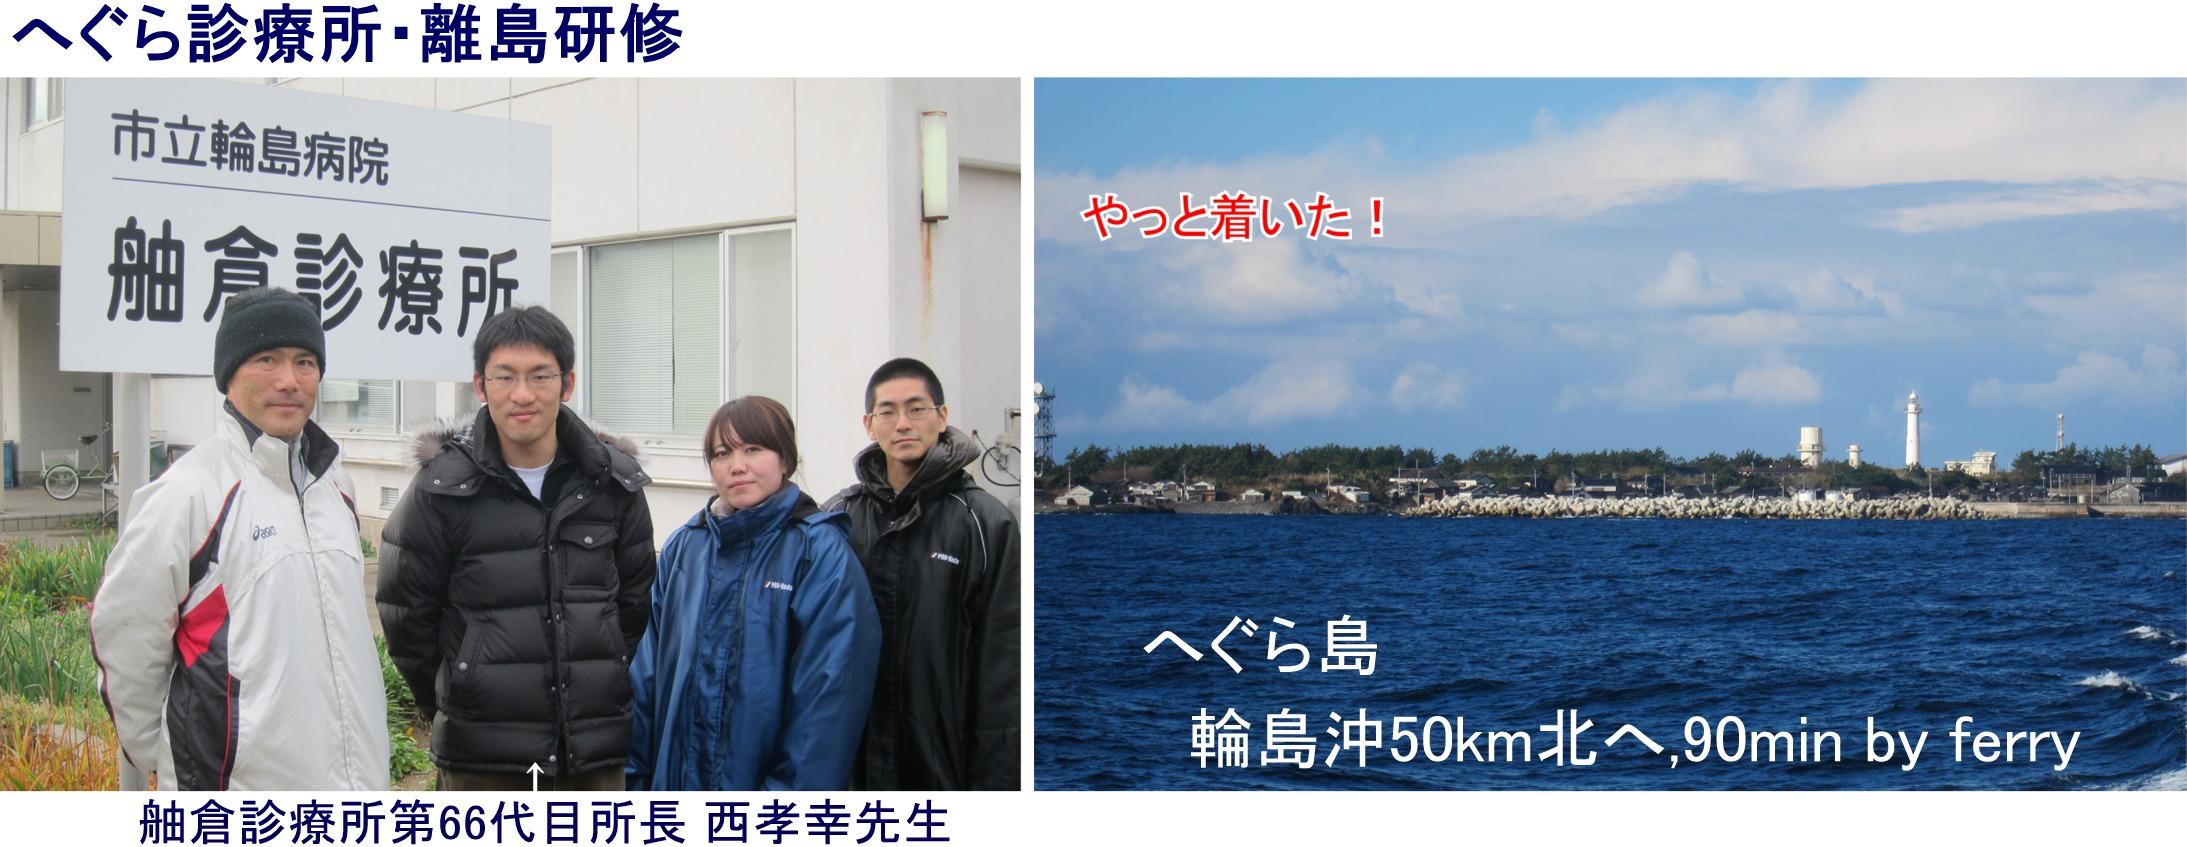 20131204hegura.jpg